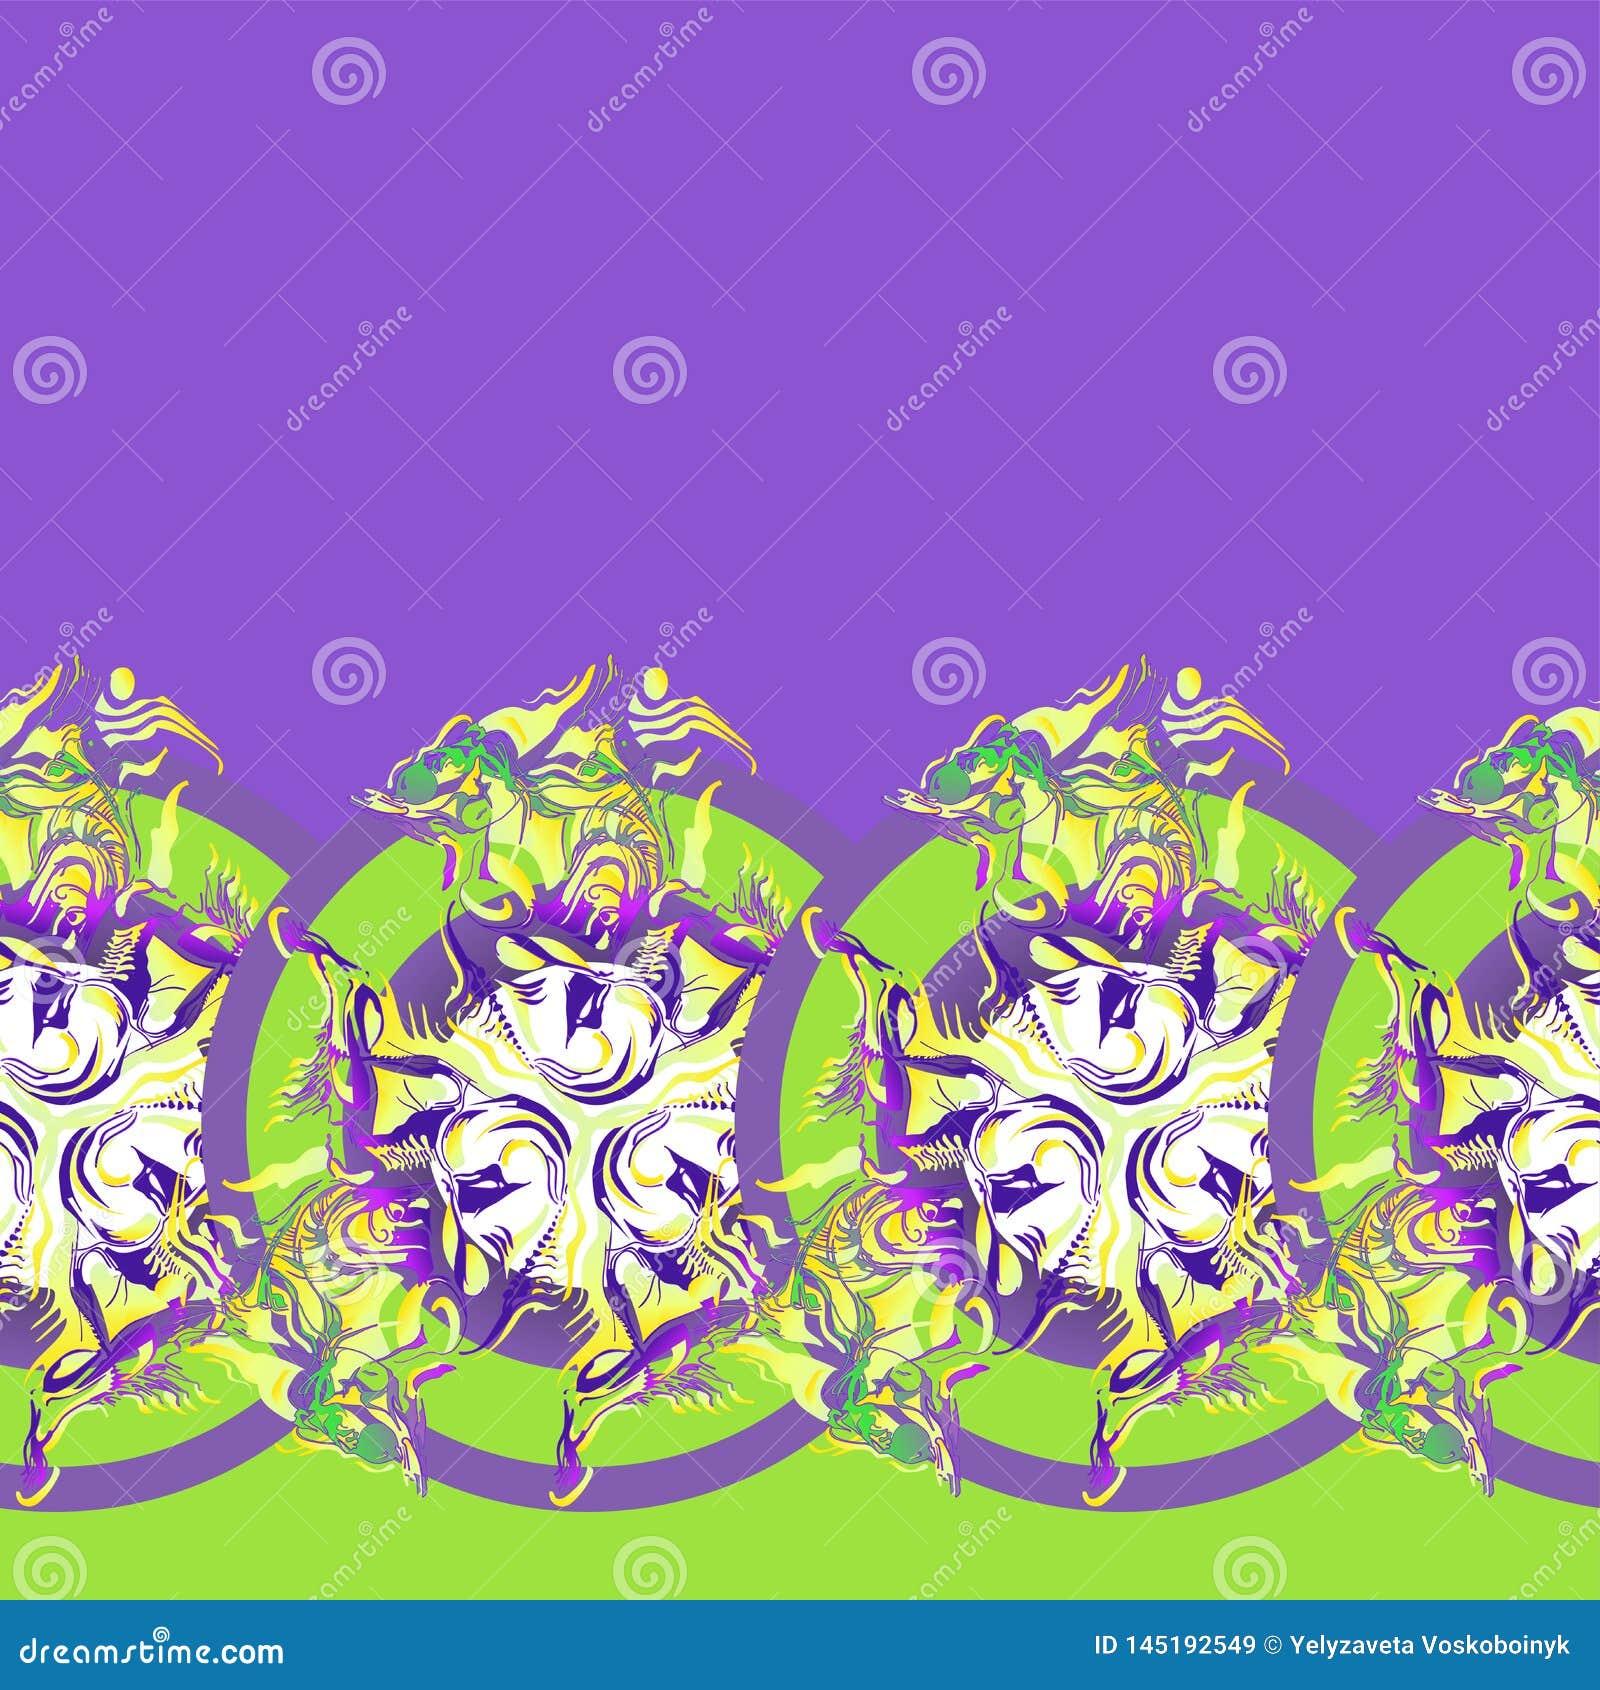 Ornament wielostrzałowe koniczyny ogradzać w okręgu